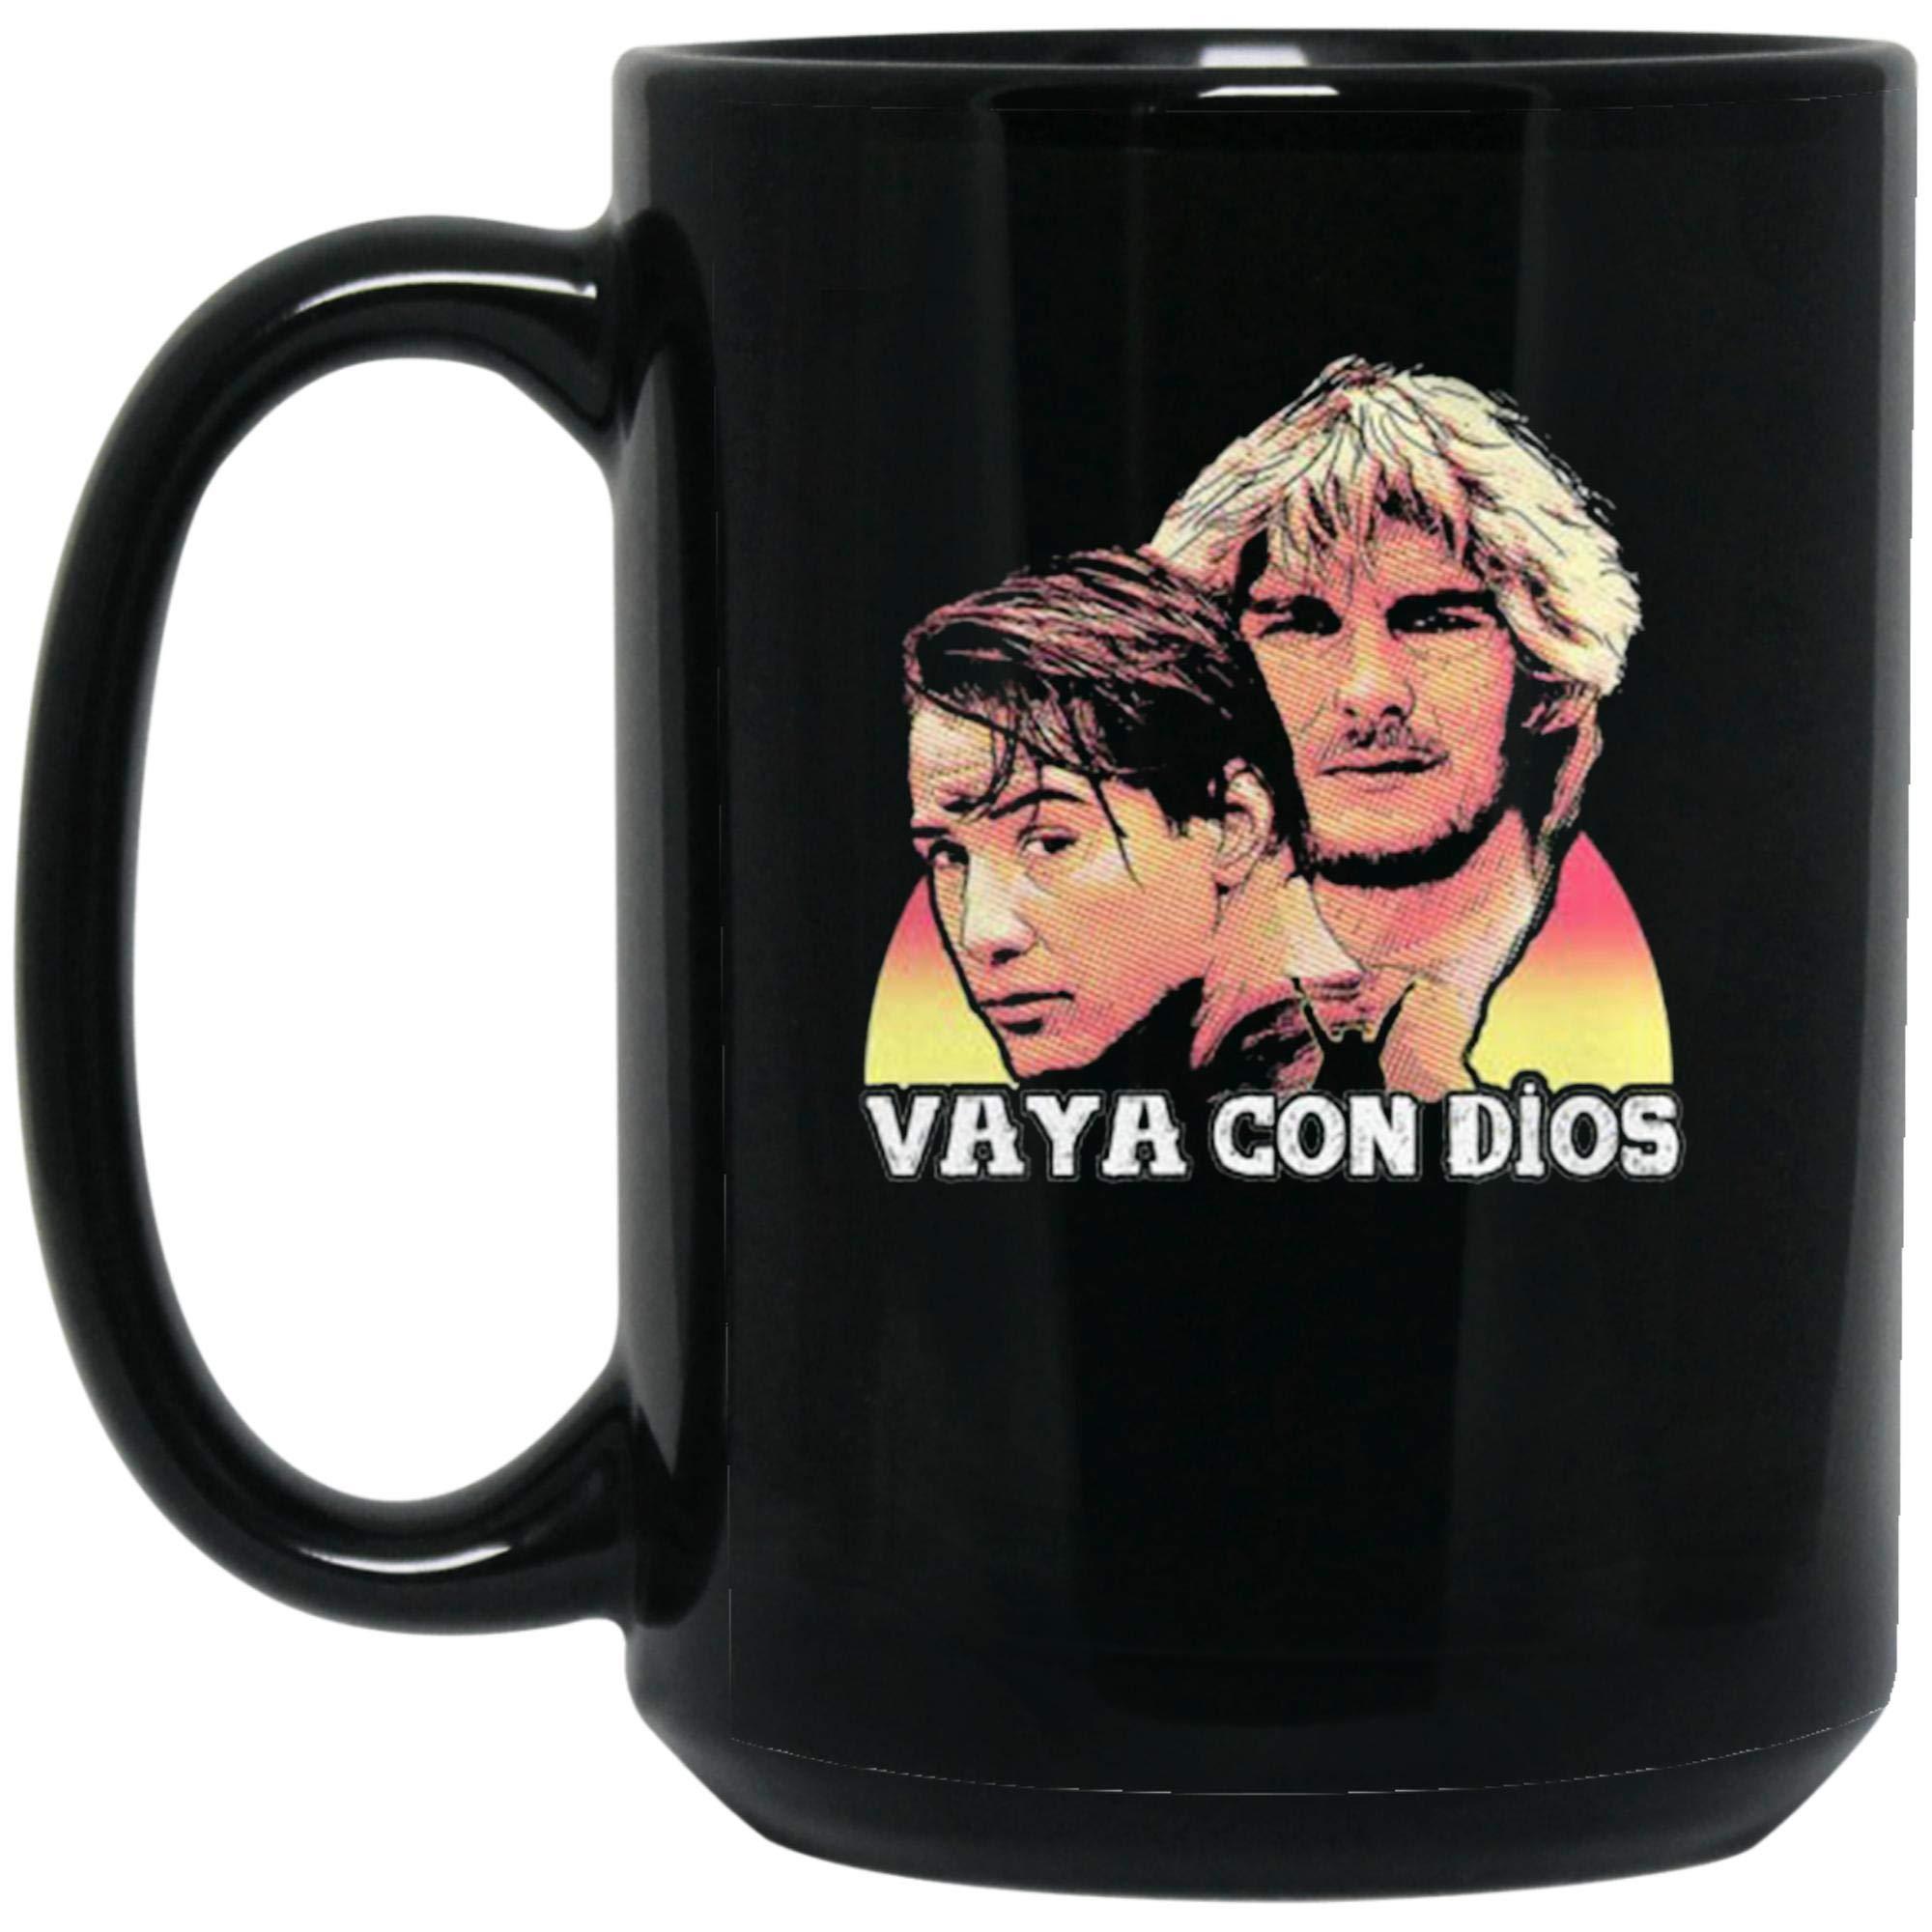 Vaya Con Dios T Shirt Mug 15oz 15oz 4236